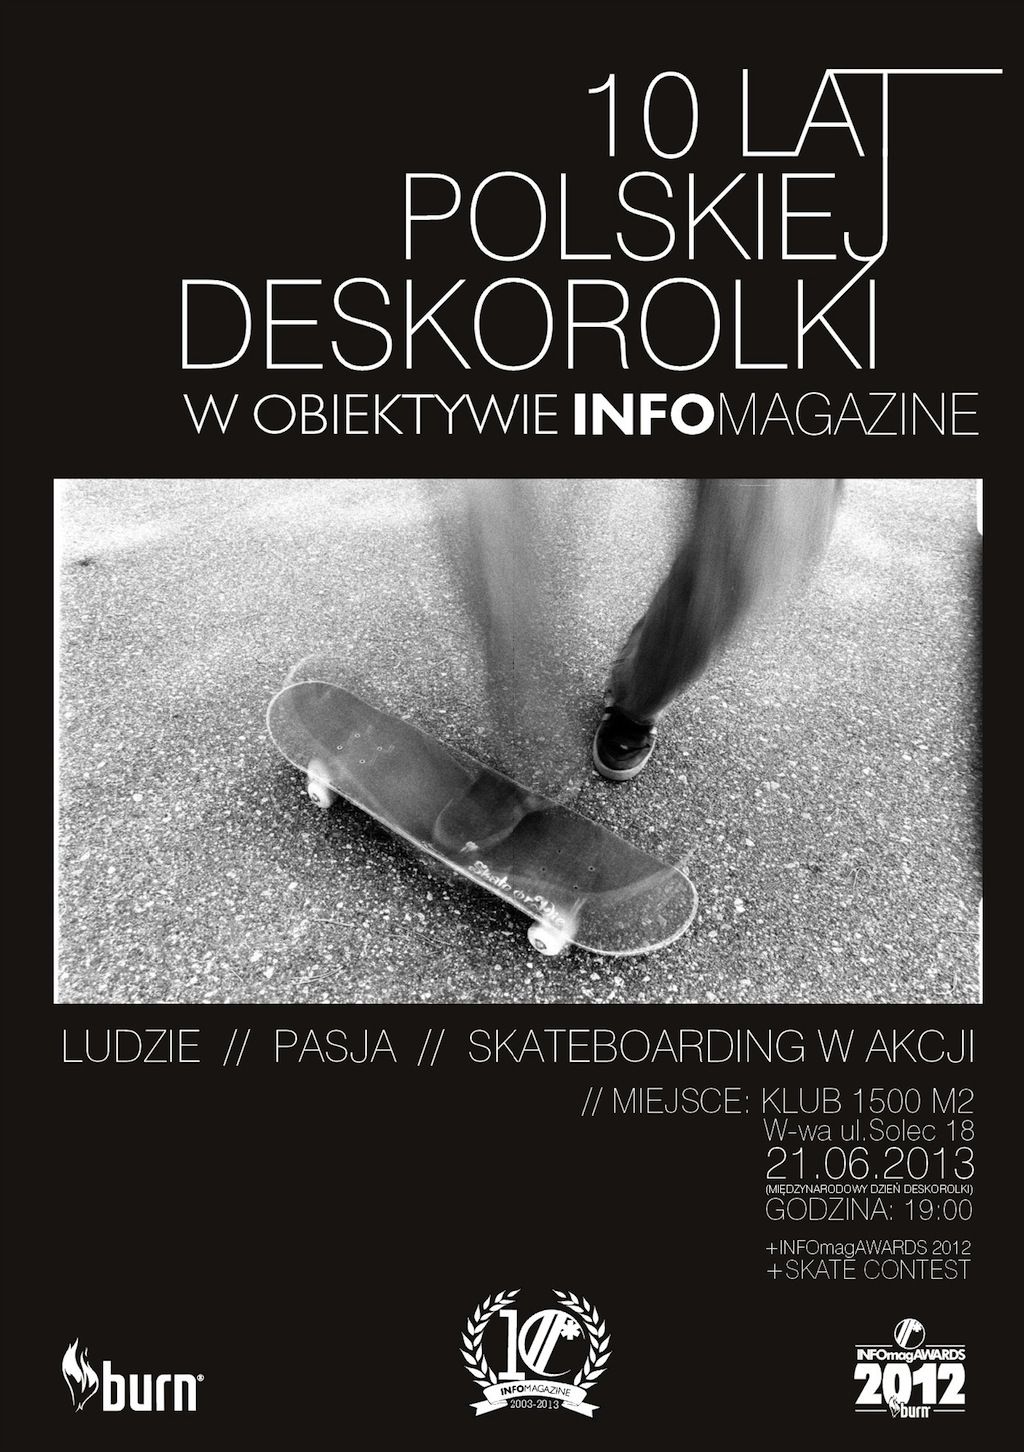 Wystawa 10 lat polskiej deskorolki